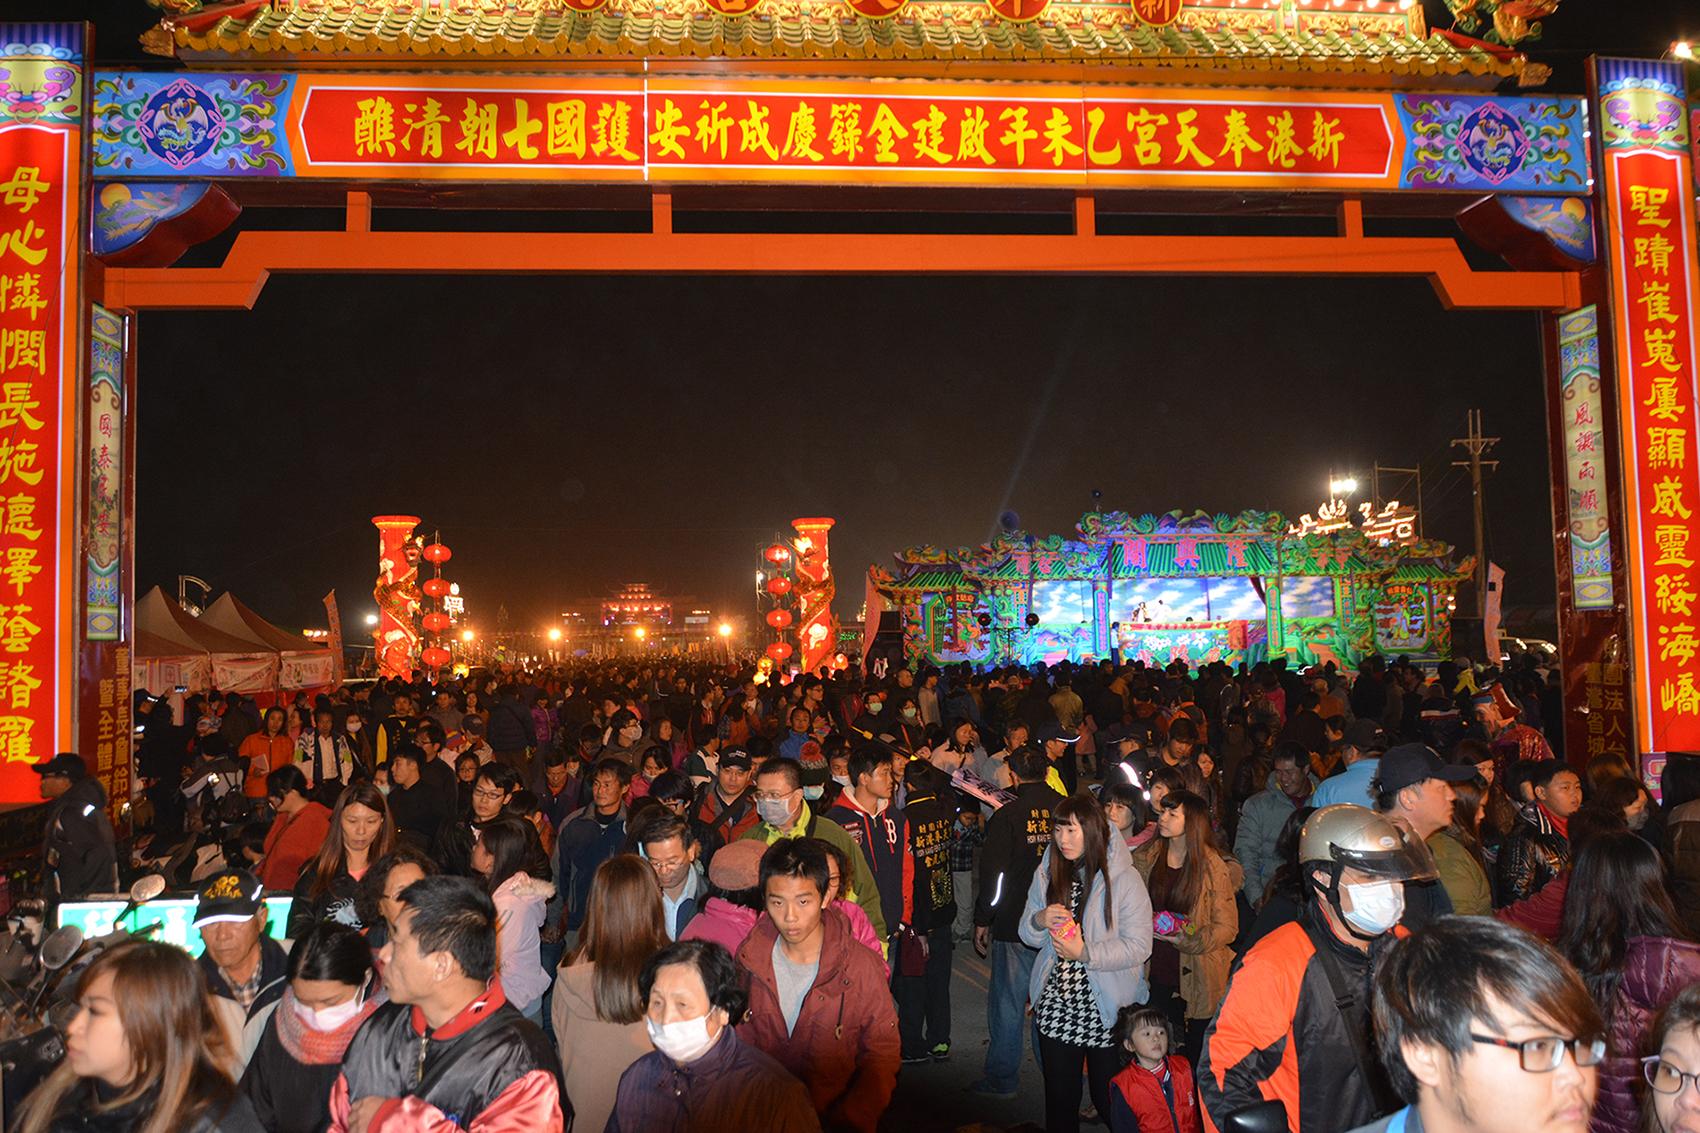 2016 年新港奉天宮舉辦的《百年大醮》是宗教界的年度盛事。圖│吳瑞明提供